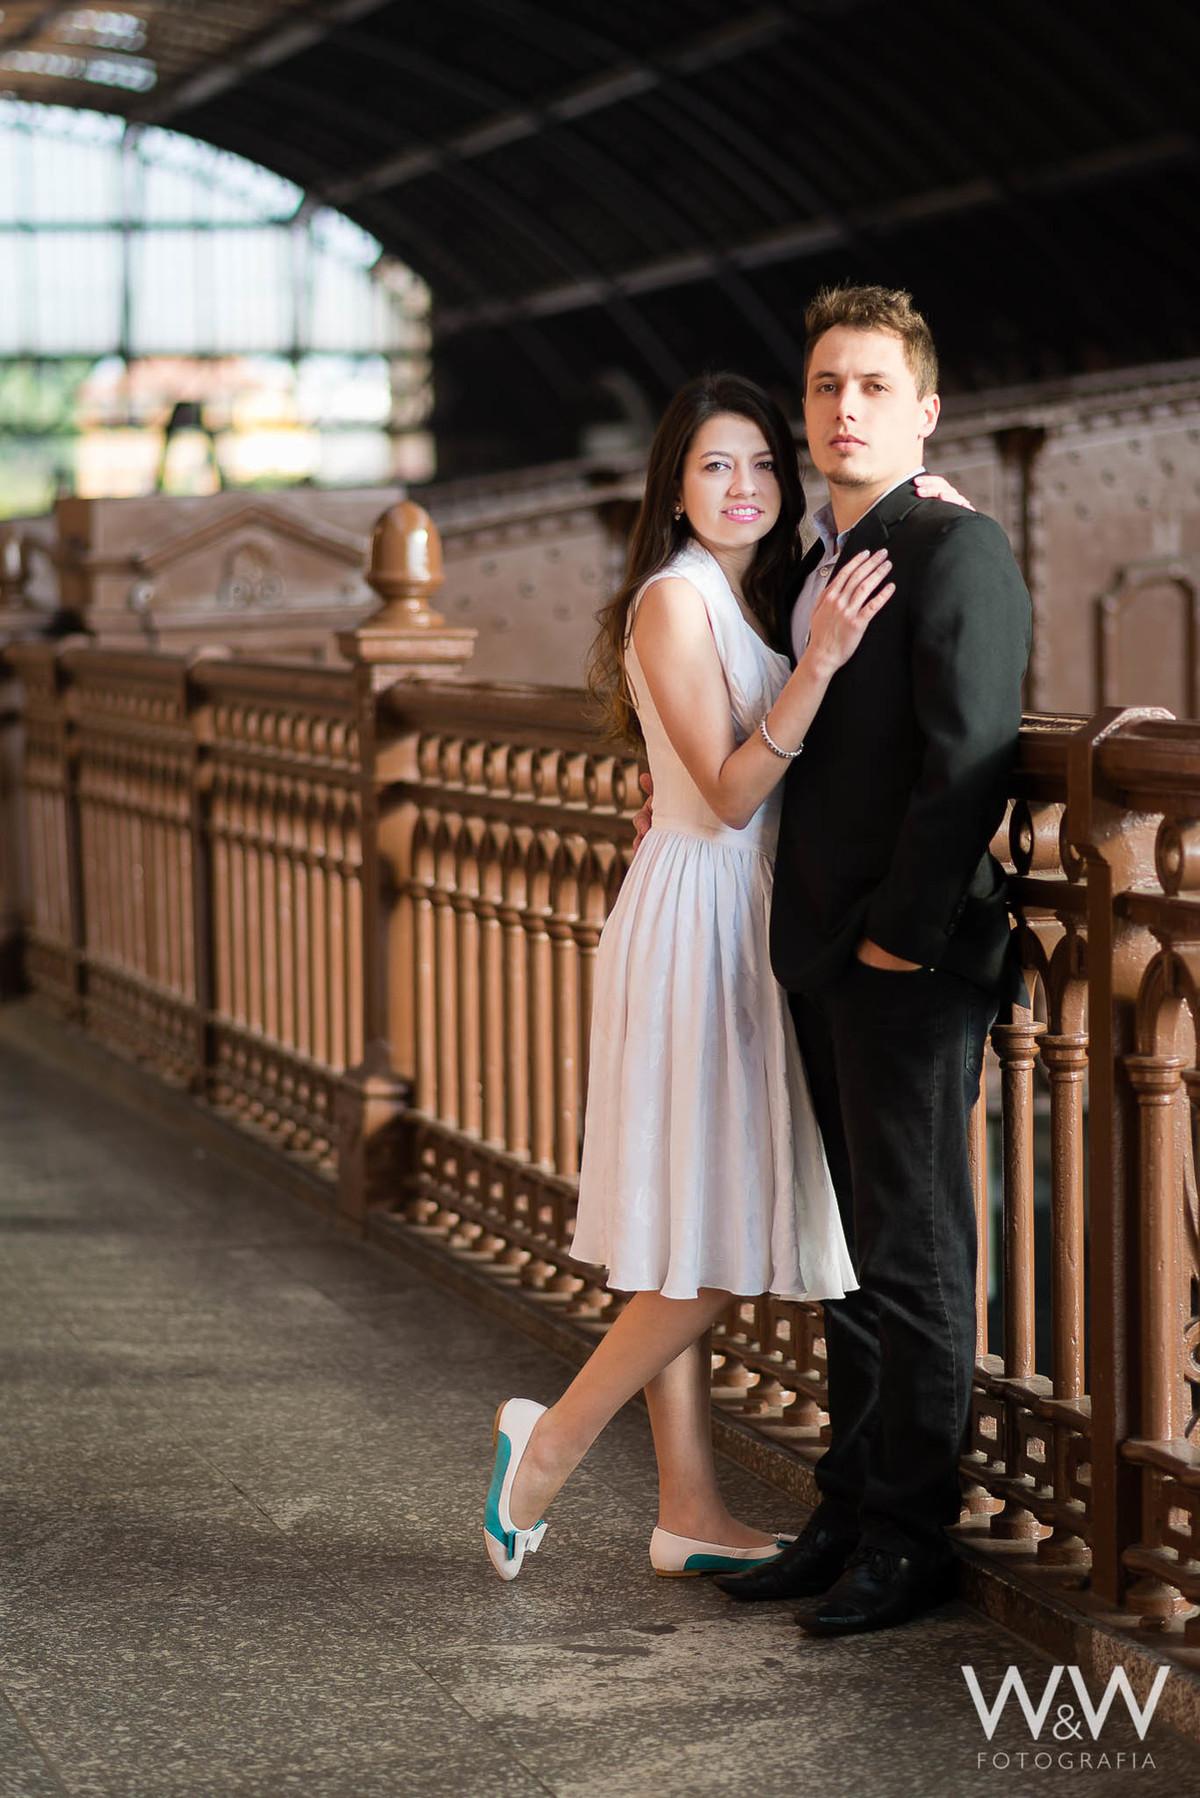 pré-wedding ensaio casal são paulo estação da luz vintage clássico